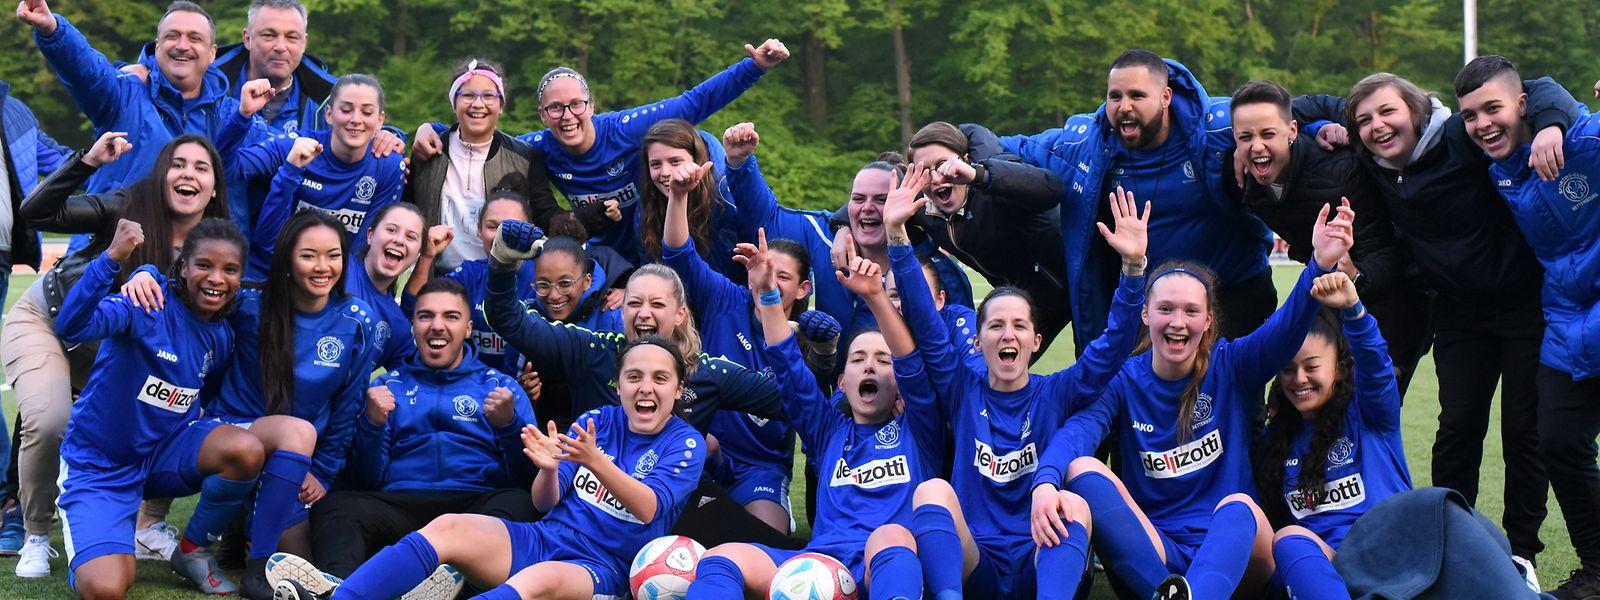 La joie des filles du SC Bettembourg après l'officialisation de leur titre de championne.